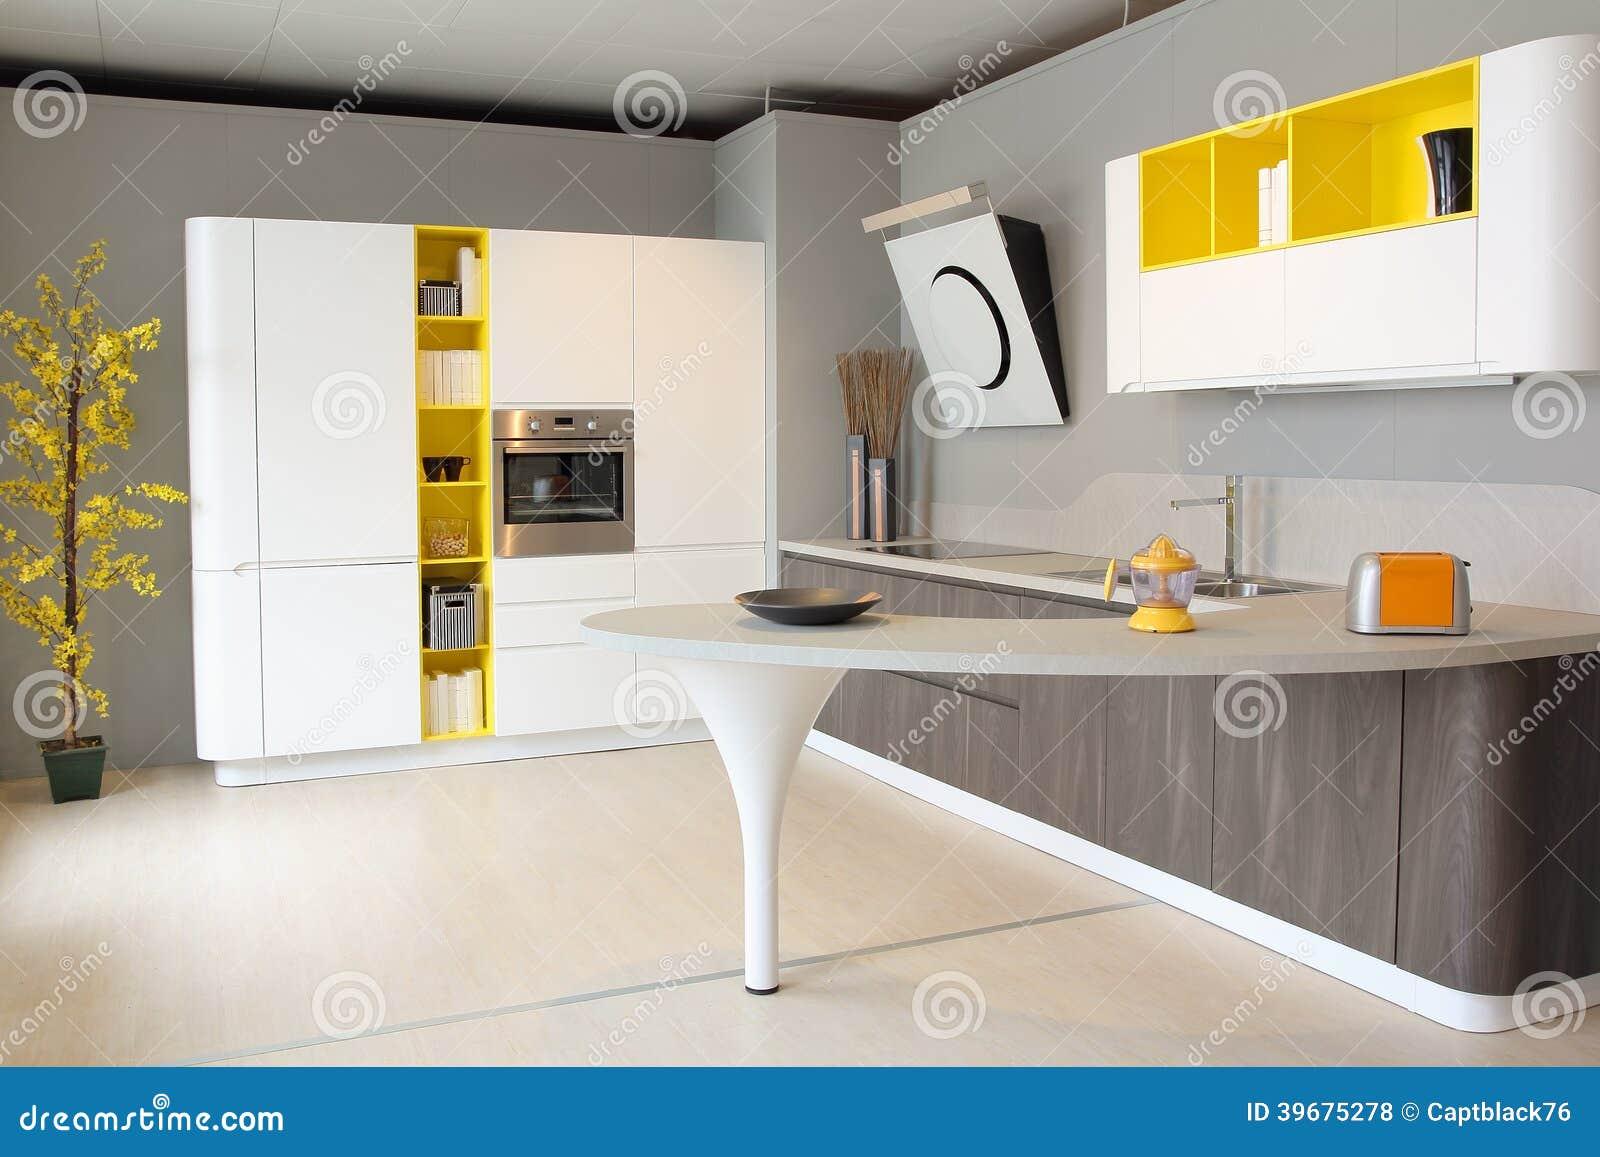 Cozinha Moderna Branca E Amarelo Colorido Foto De Stock Imagem De